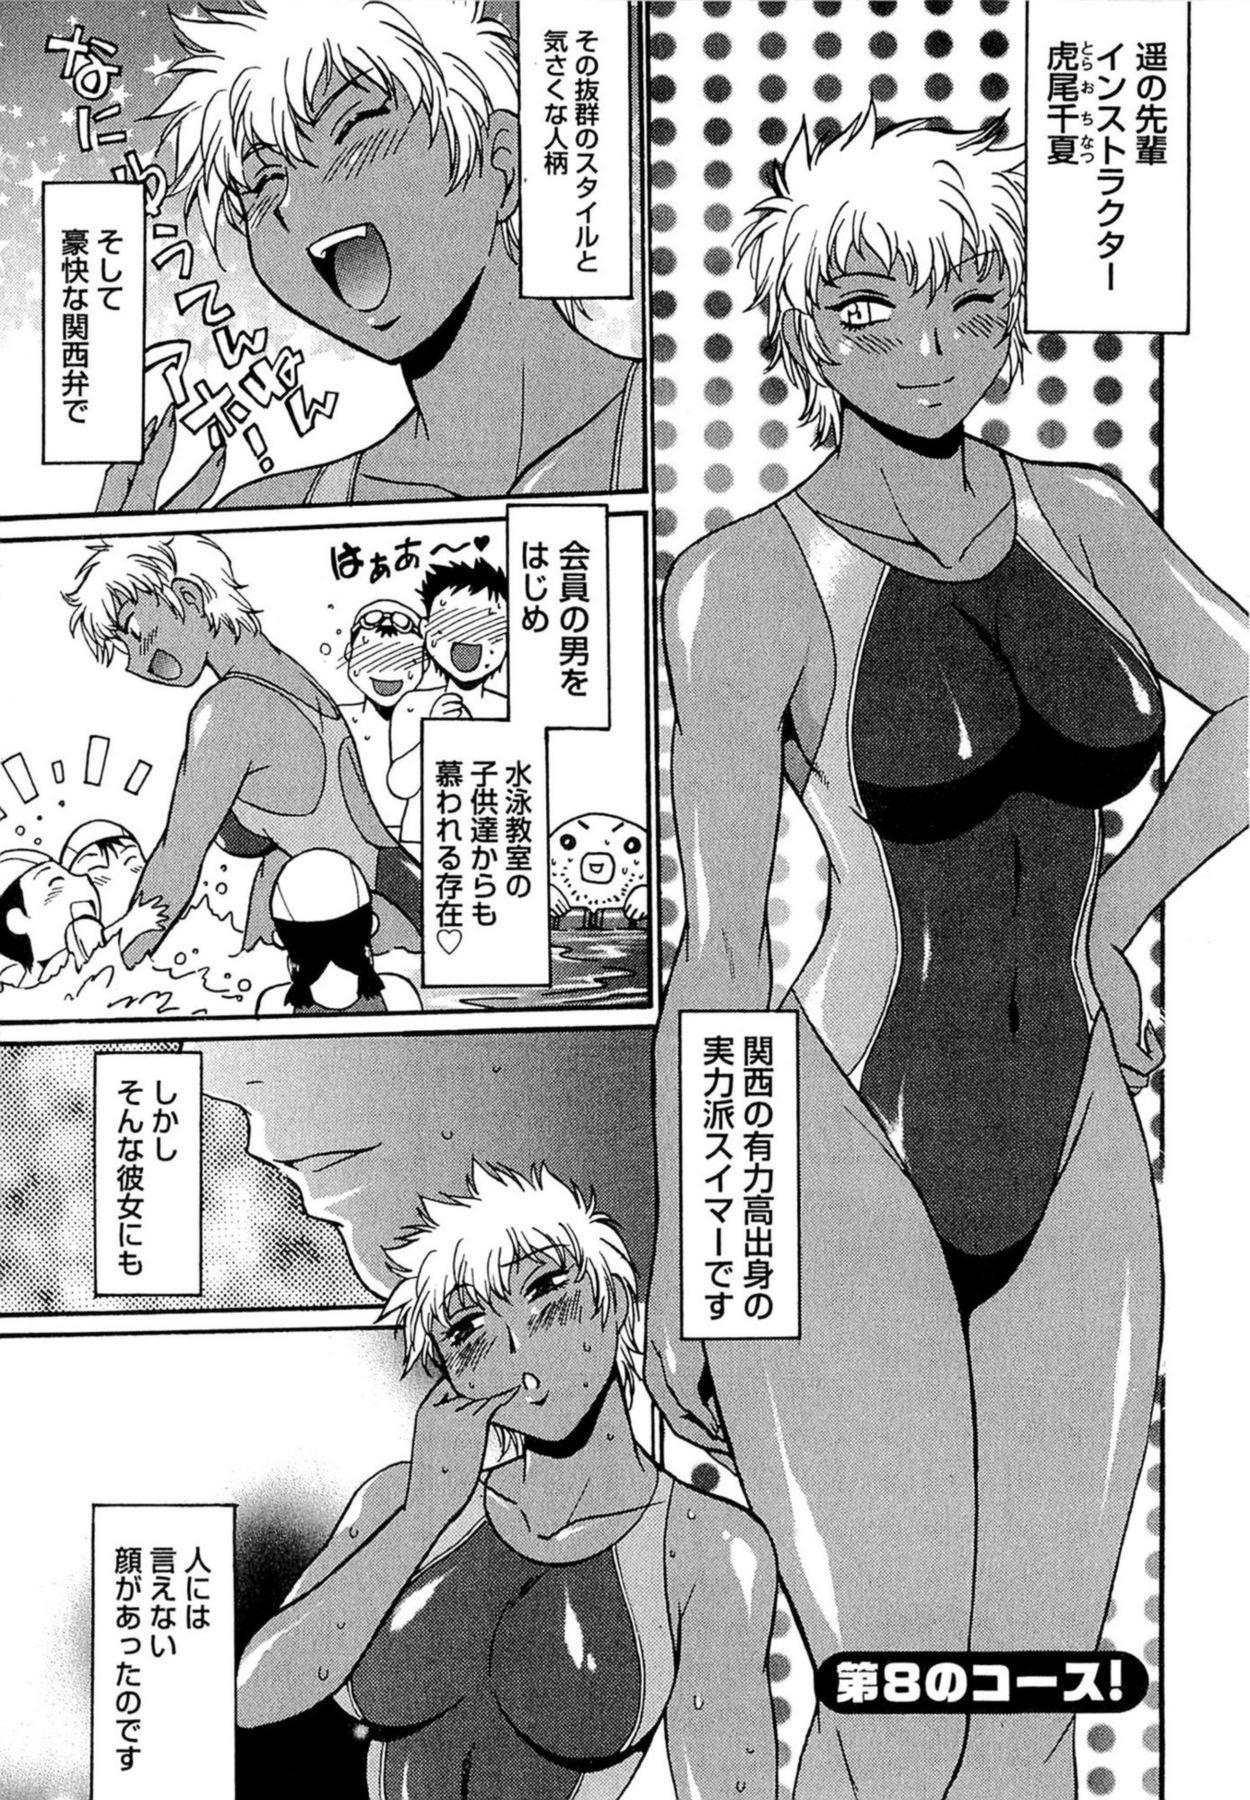 Kuikomi wo Naoshiteru Hima wa Nai! Vol. 1 181